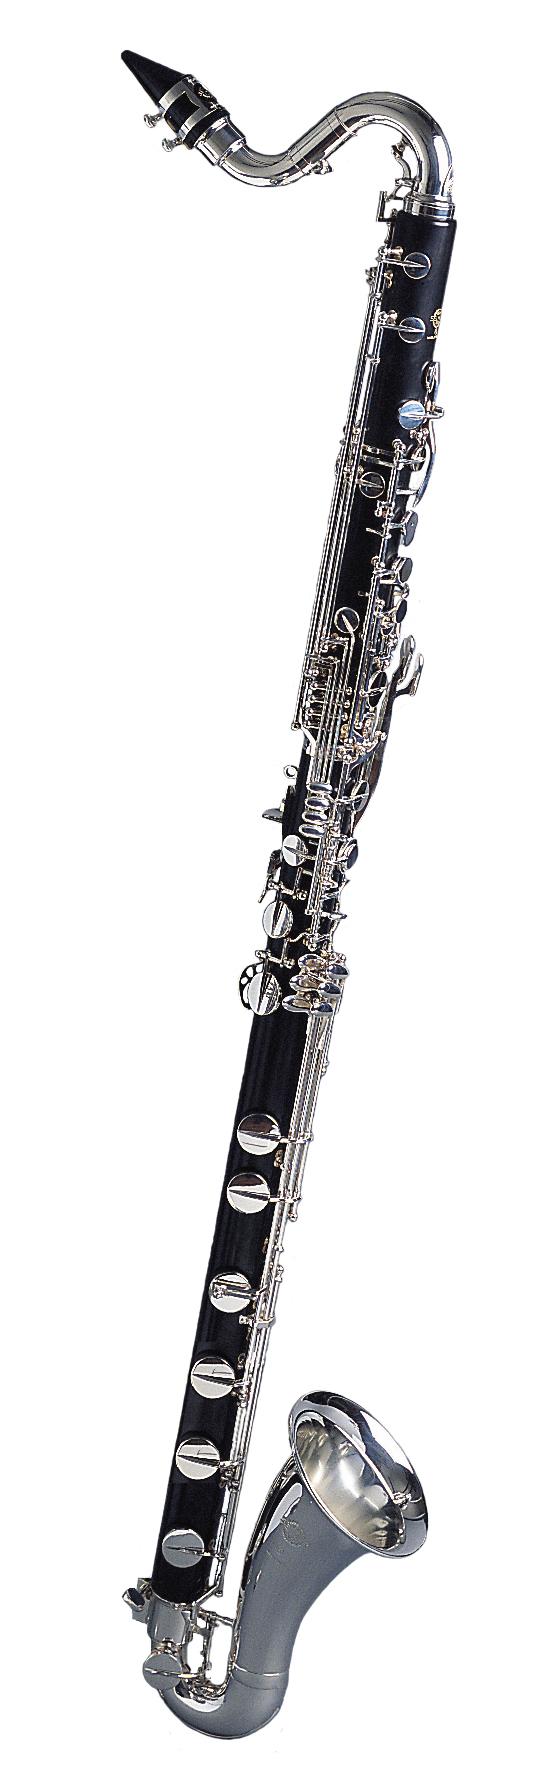 La Clarinette Basse dans le Jazz Clarinette-basse-hdef